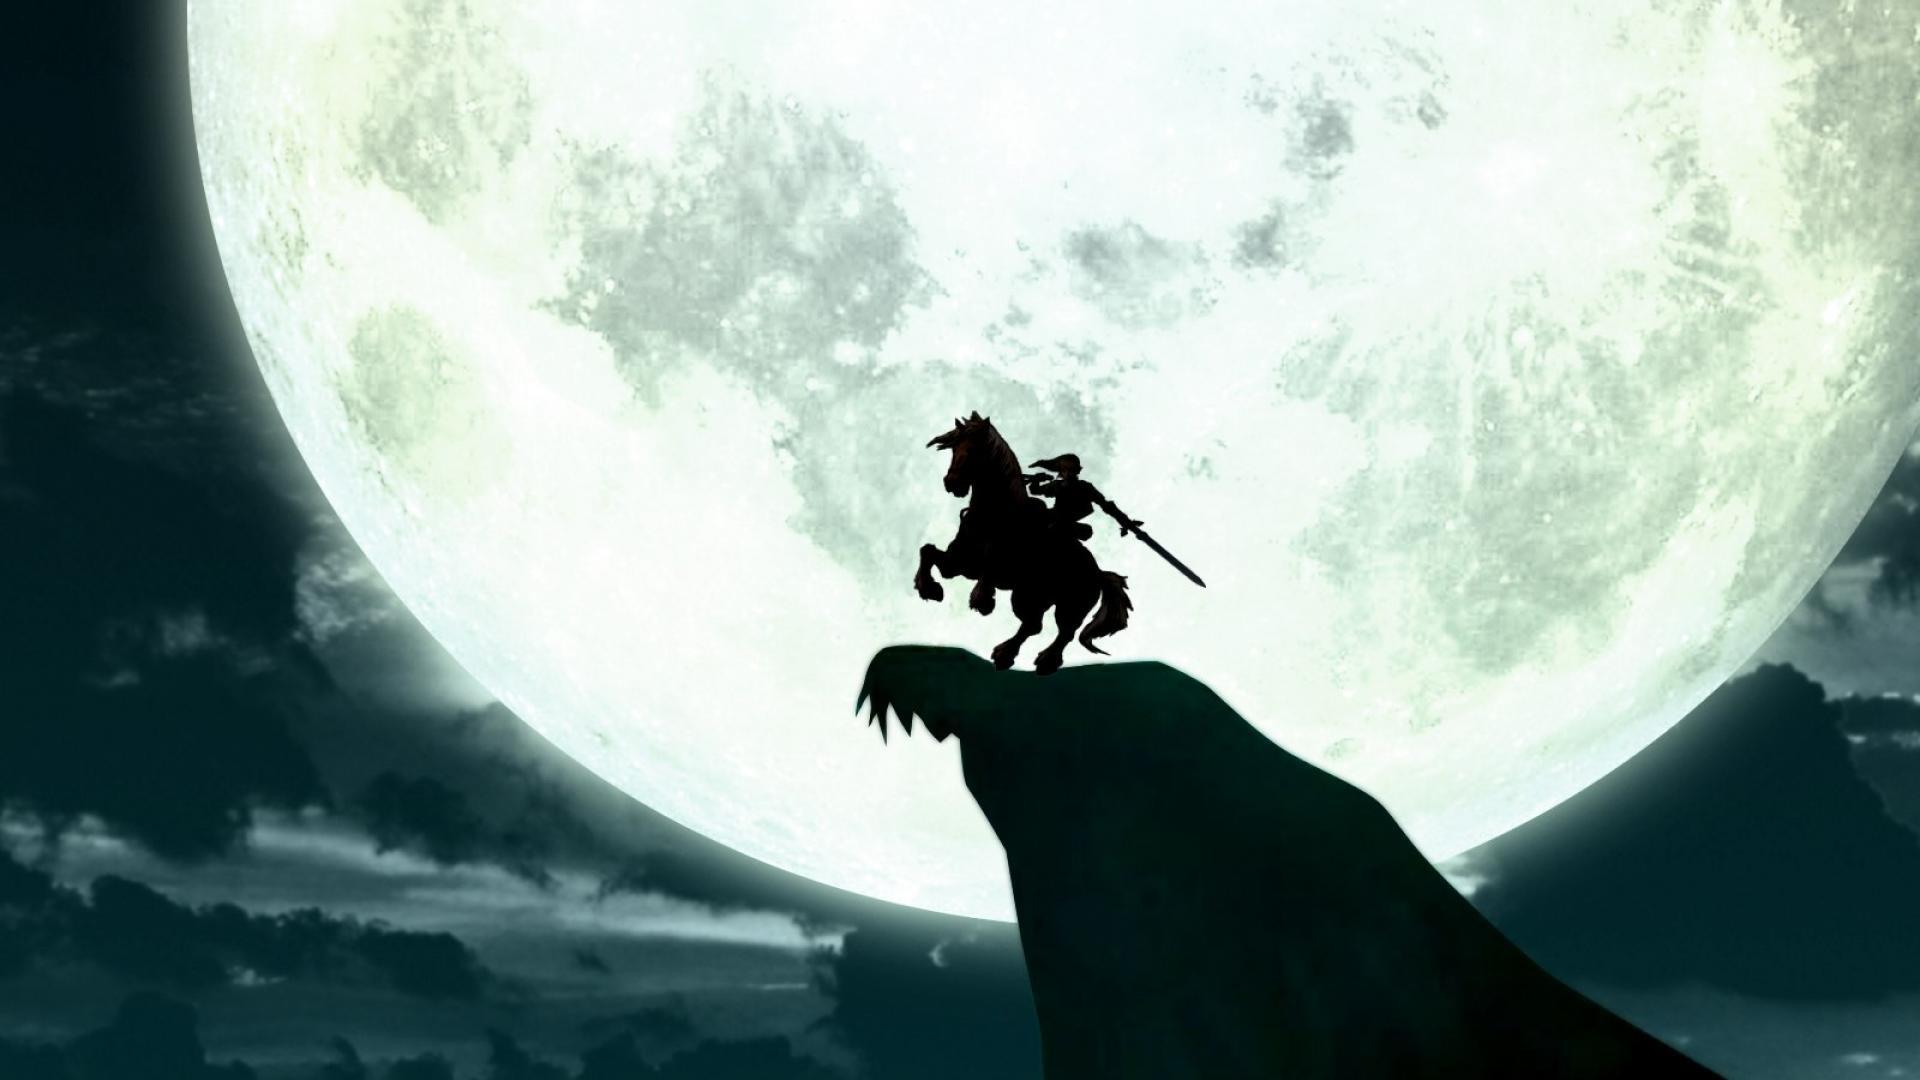 Legend Of Zelda Hd Wallpaper 82 Images